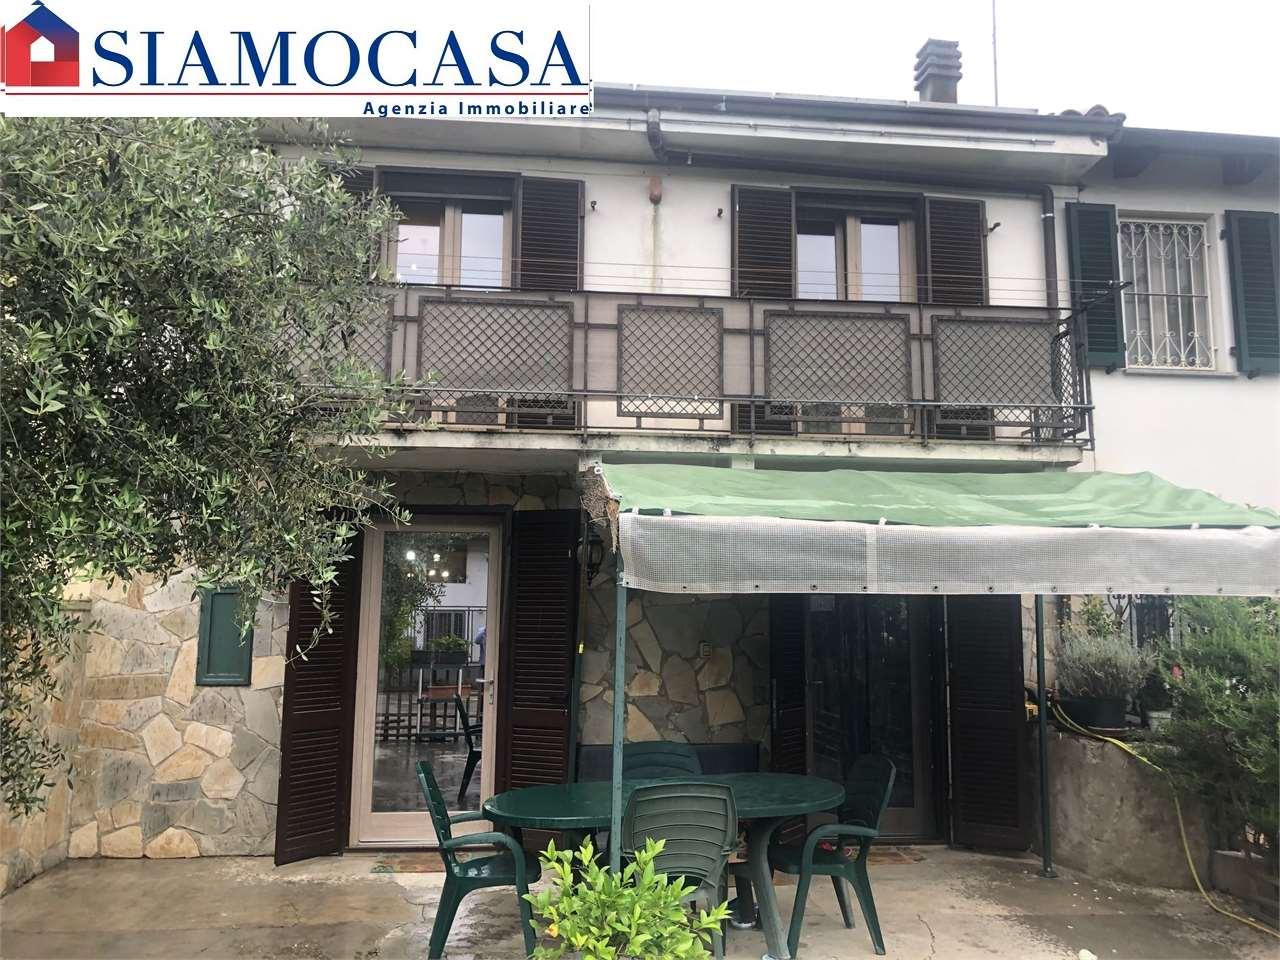 Soluzione Indipendente in vendita a San Salvatore Monferrato, 5 locali, prezzo € 90.000 | PortaleAgenzieImmobiliari.it